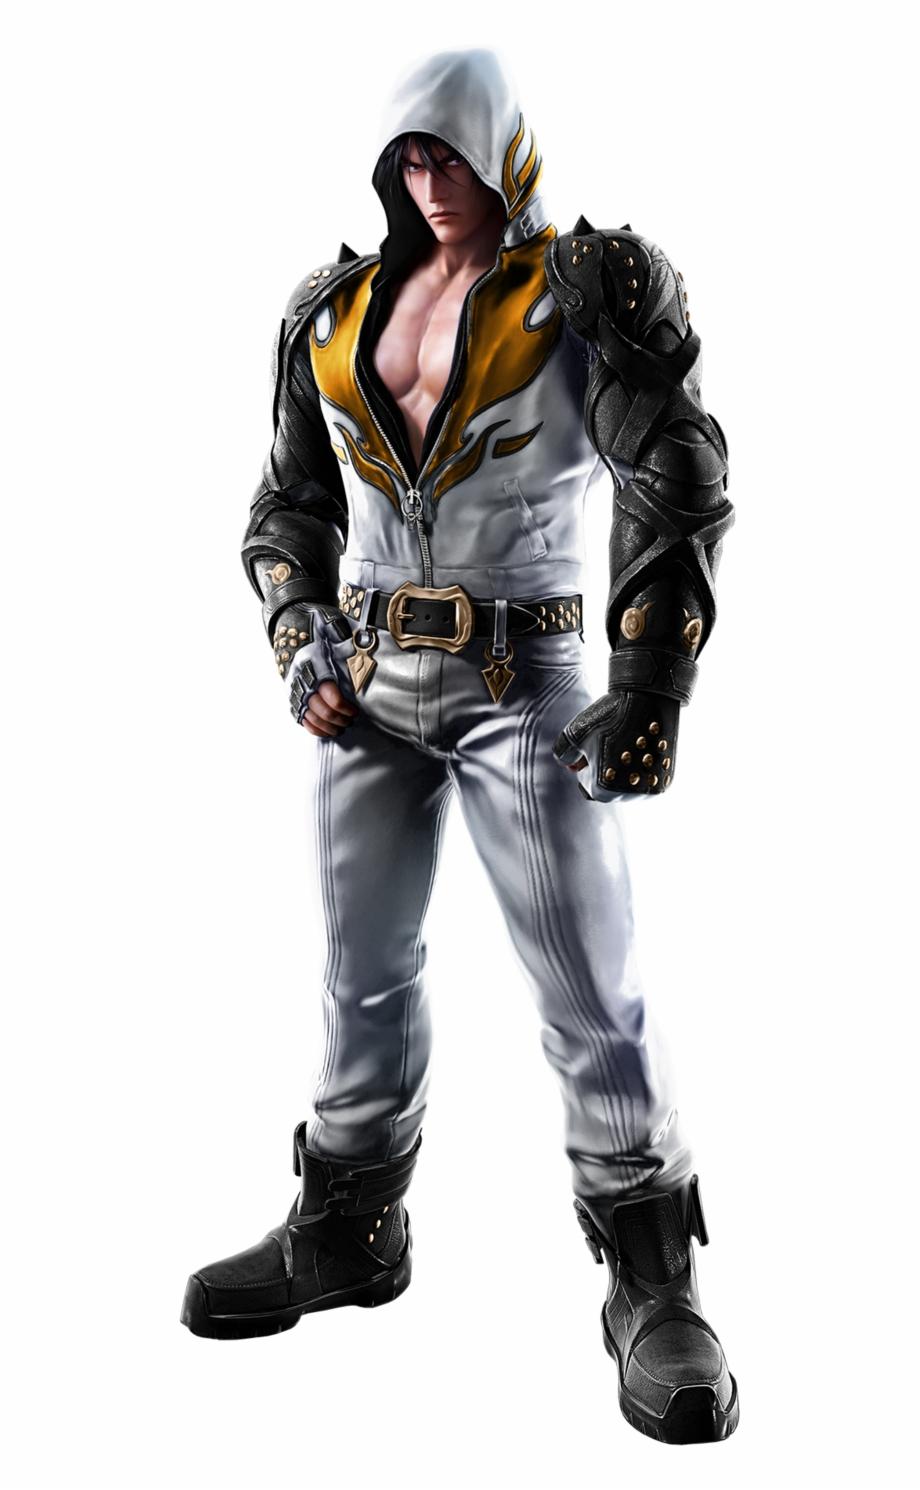 Jin Tekken 7 Png Transparent Png Download 1023602 Vippng